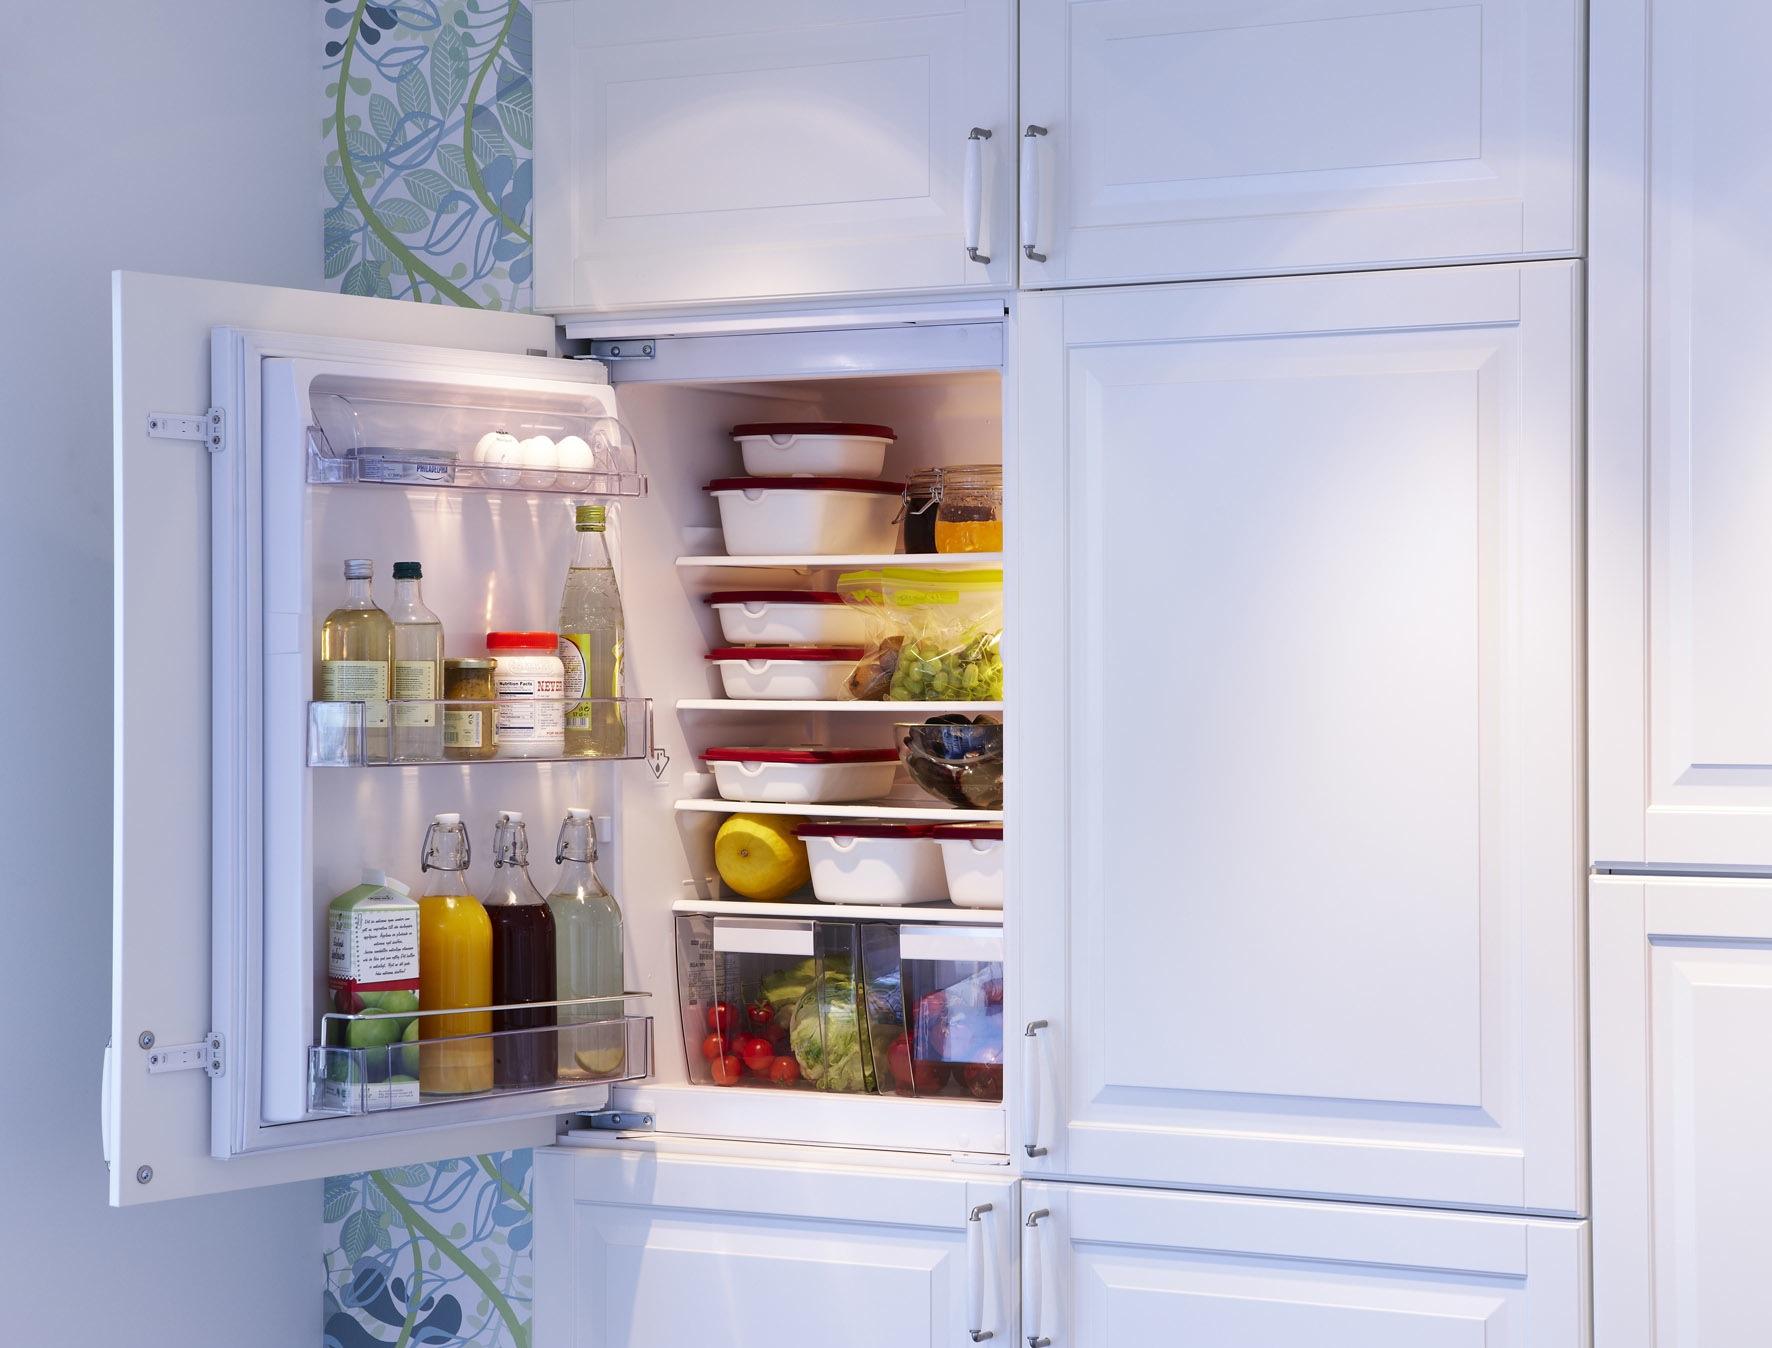 Ikea koelkast valt in de prijzen bij de consumentenbond for Zelf keuken tekenen